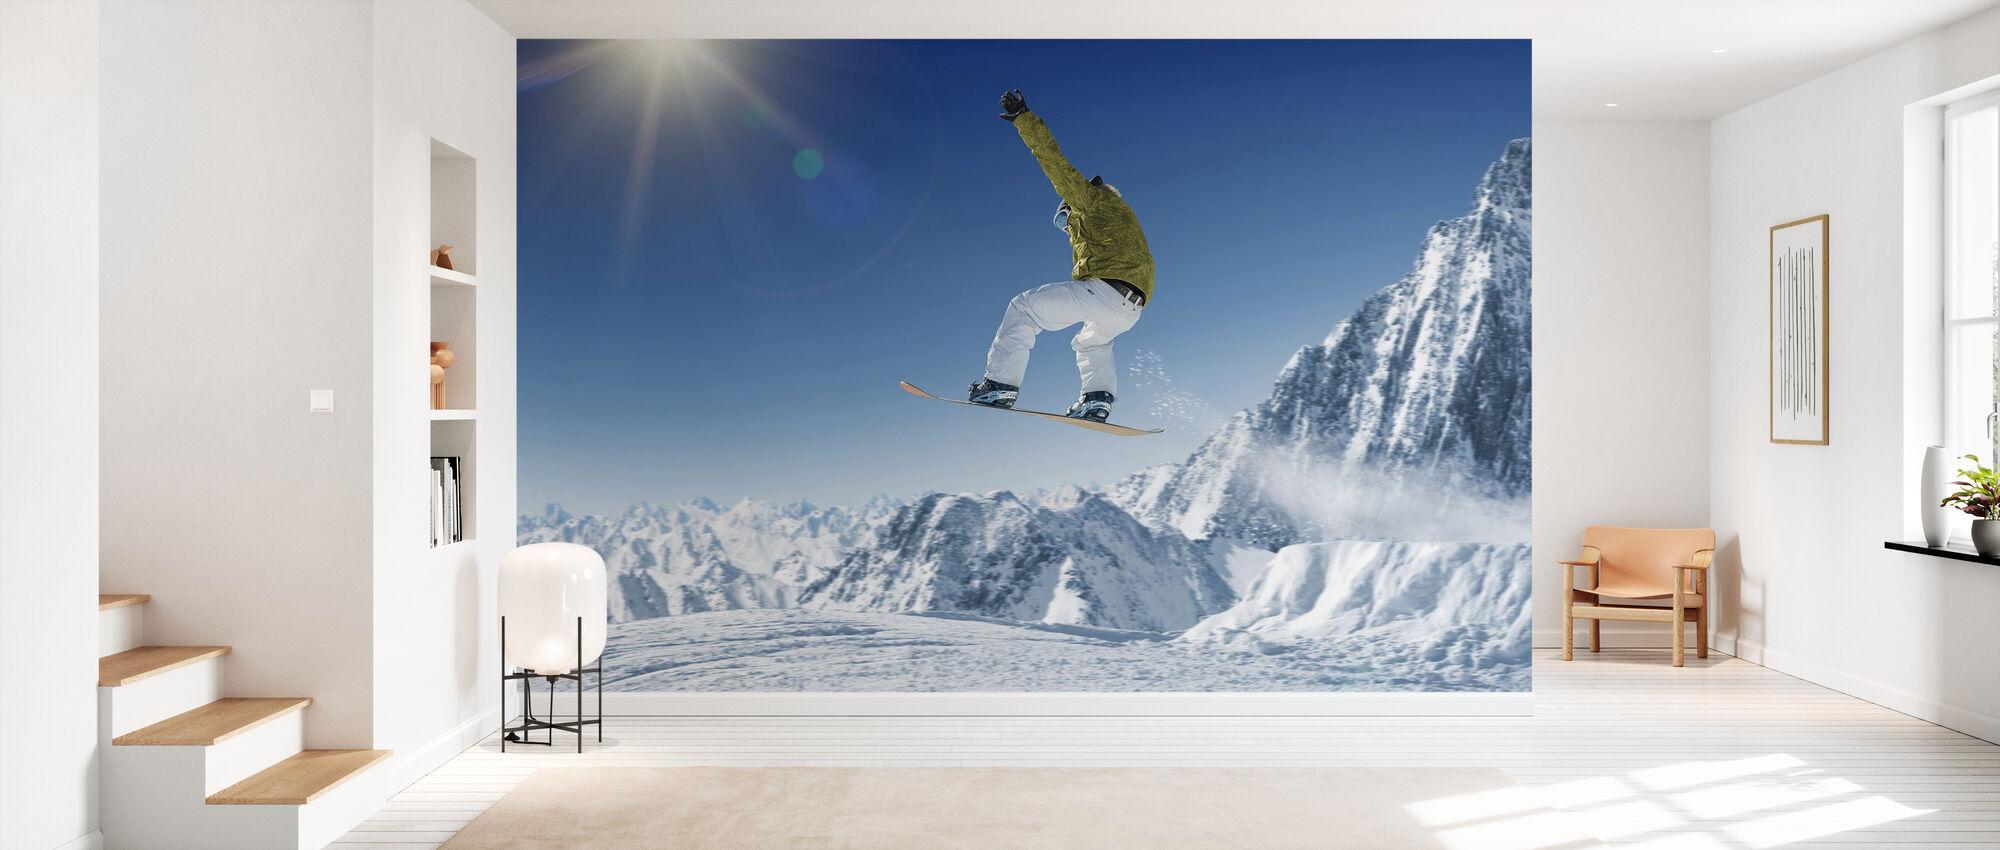 Sciatore in alta montagna - Carta da parati - Sala